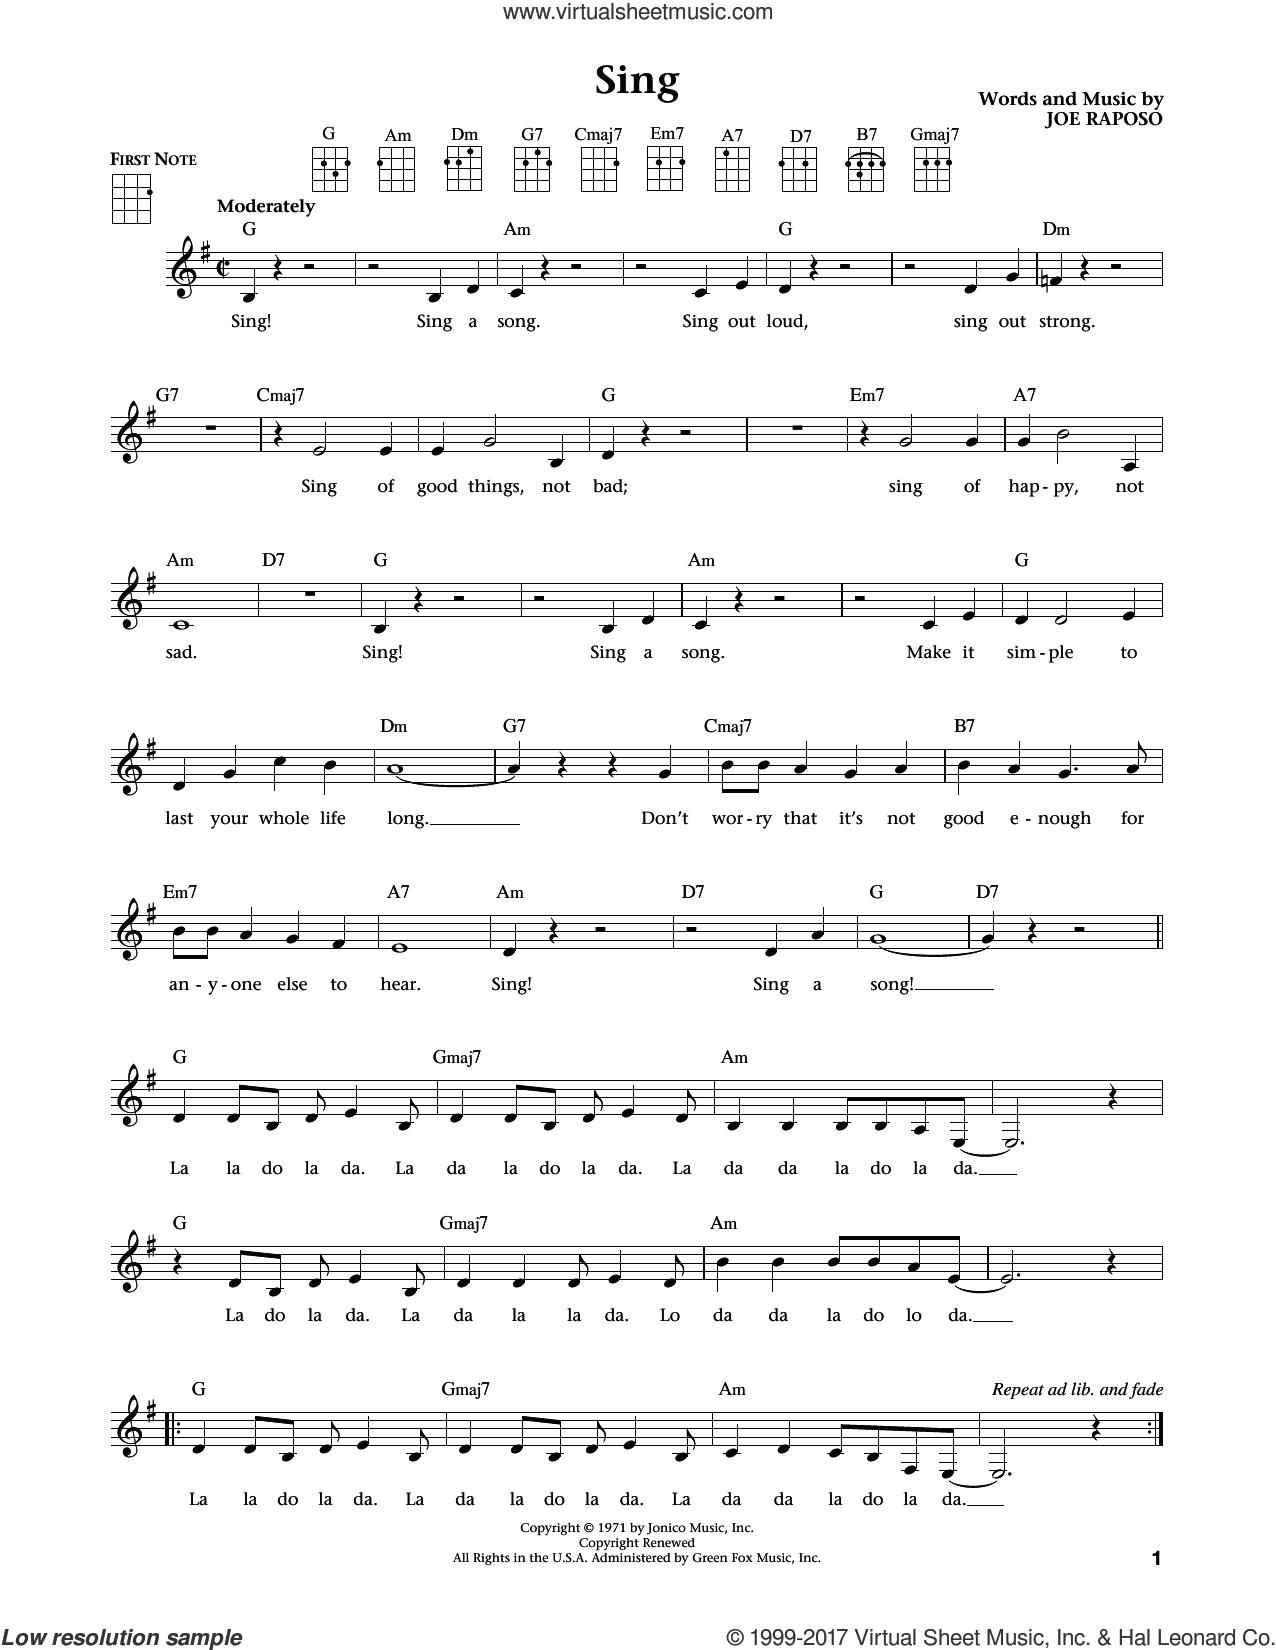 Sing (from The Daily Ukulele) (arr. Liz and Jim Beloff) sheet music for ukulele by Joe Raposo, Carpenters, Jim Beloff and Liz Beloff, intermediate skill level